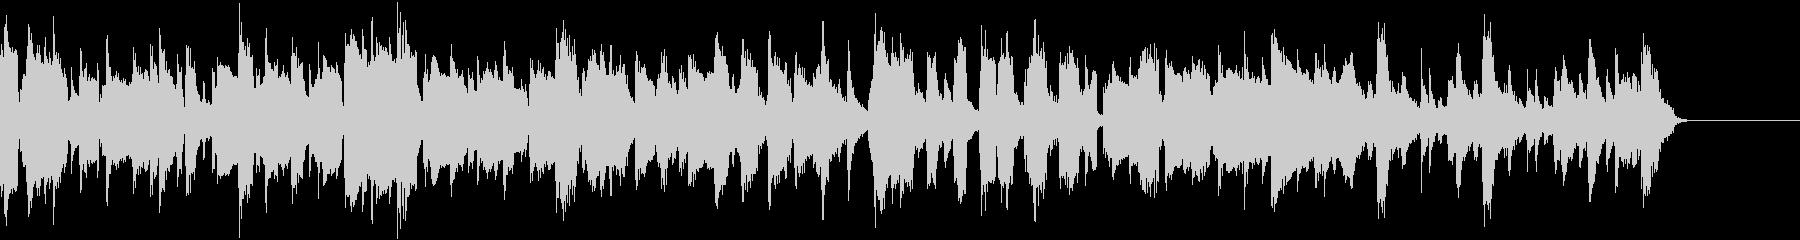 アイリッシュフィドルによるカントリー曲の未再生の波形